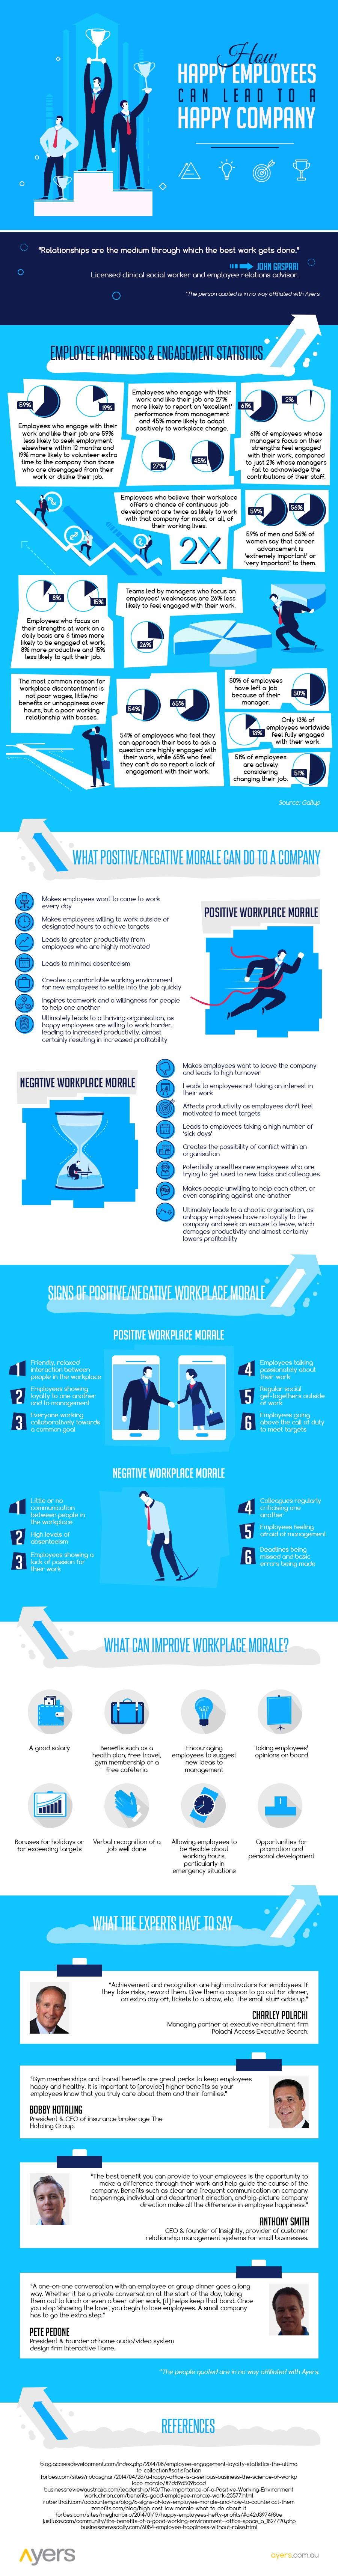 employee_happiness_infographic.jpeg